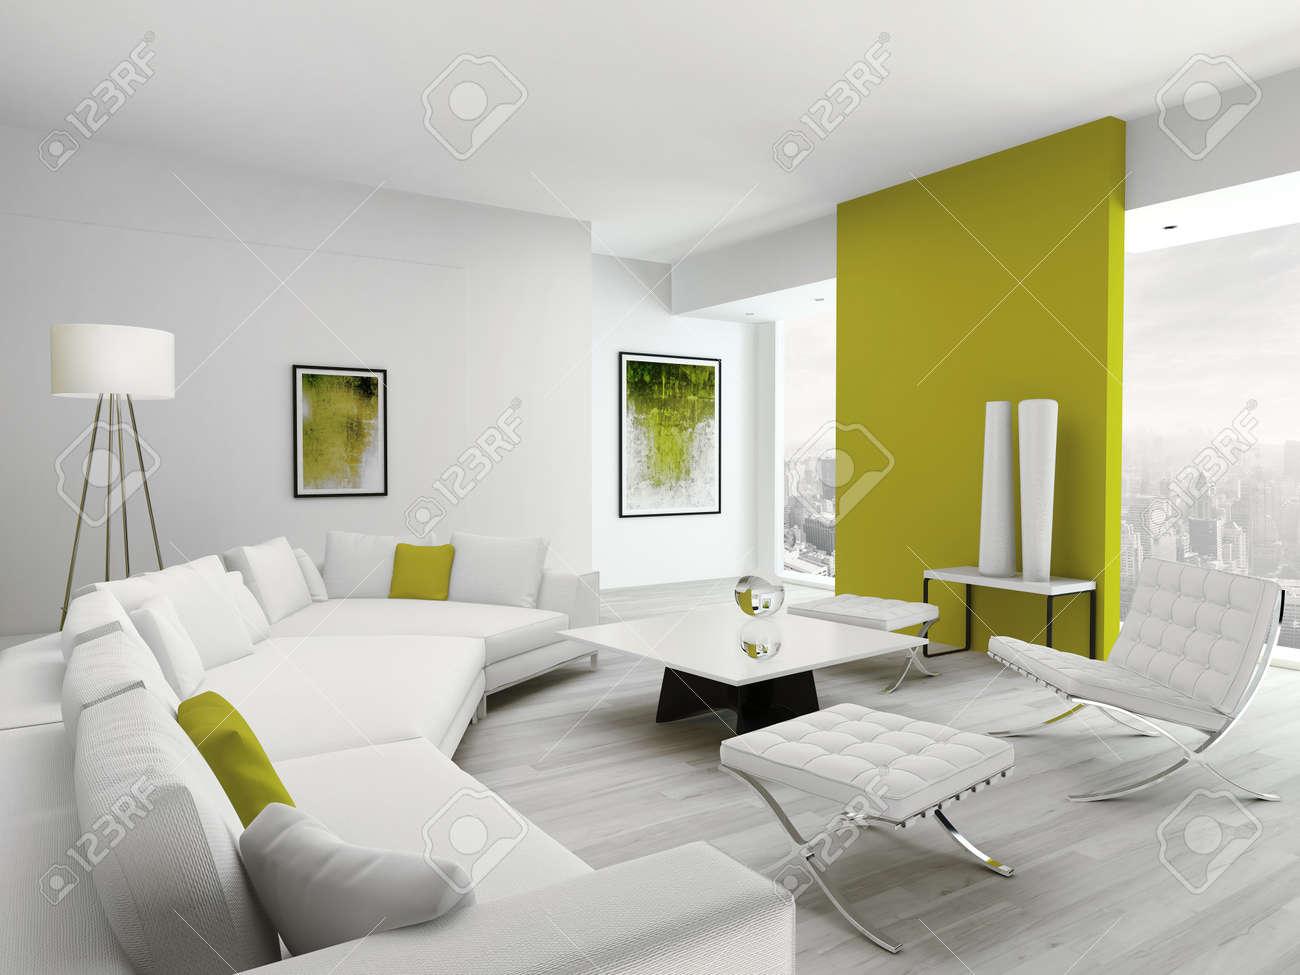 Diseño De Lujo De Estar Blanca Interior Habitación Con Muebles ...